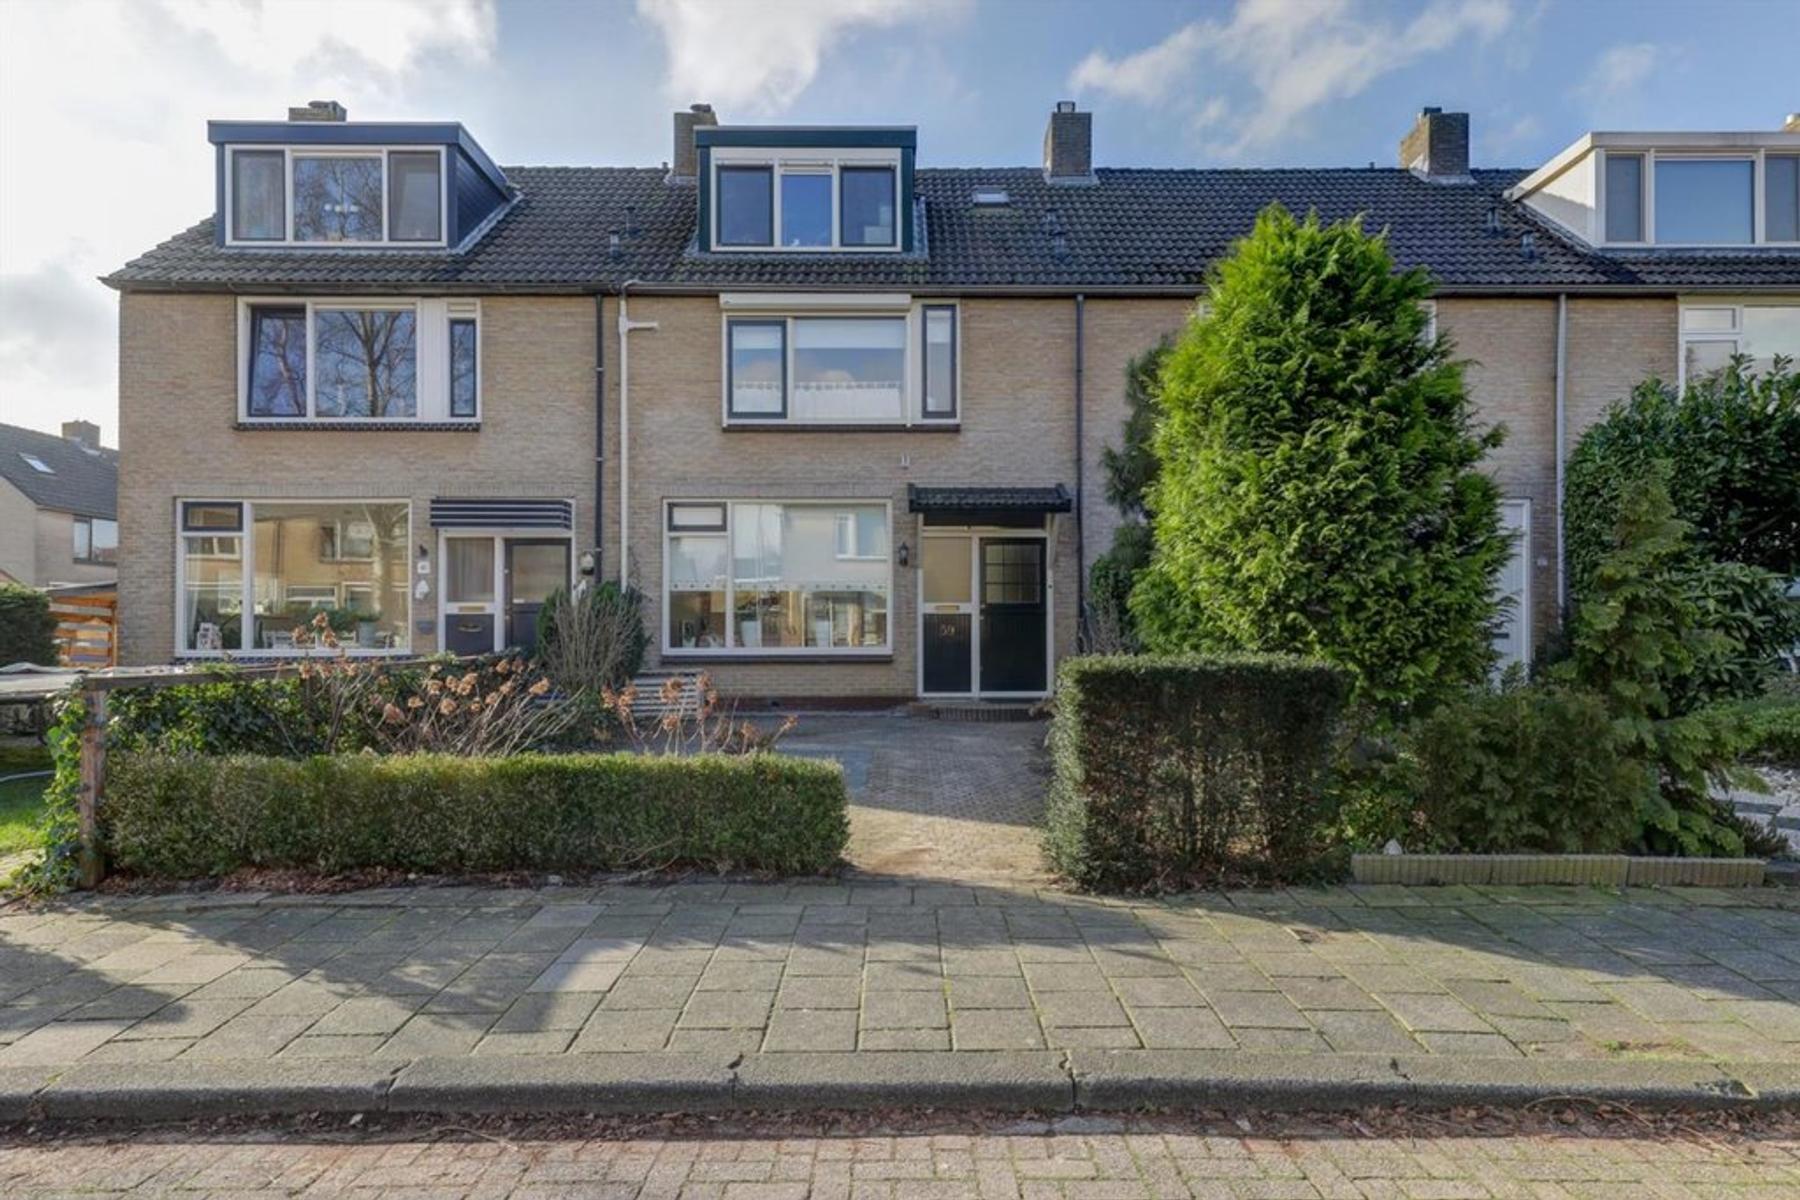 Laurierstraat 59 in dordrecht 3319 hl: woonhuis. estate makelaar